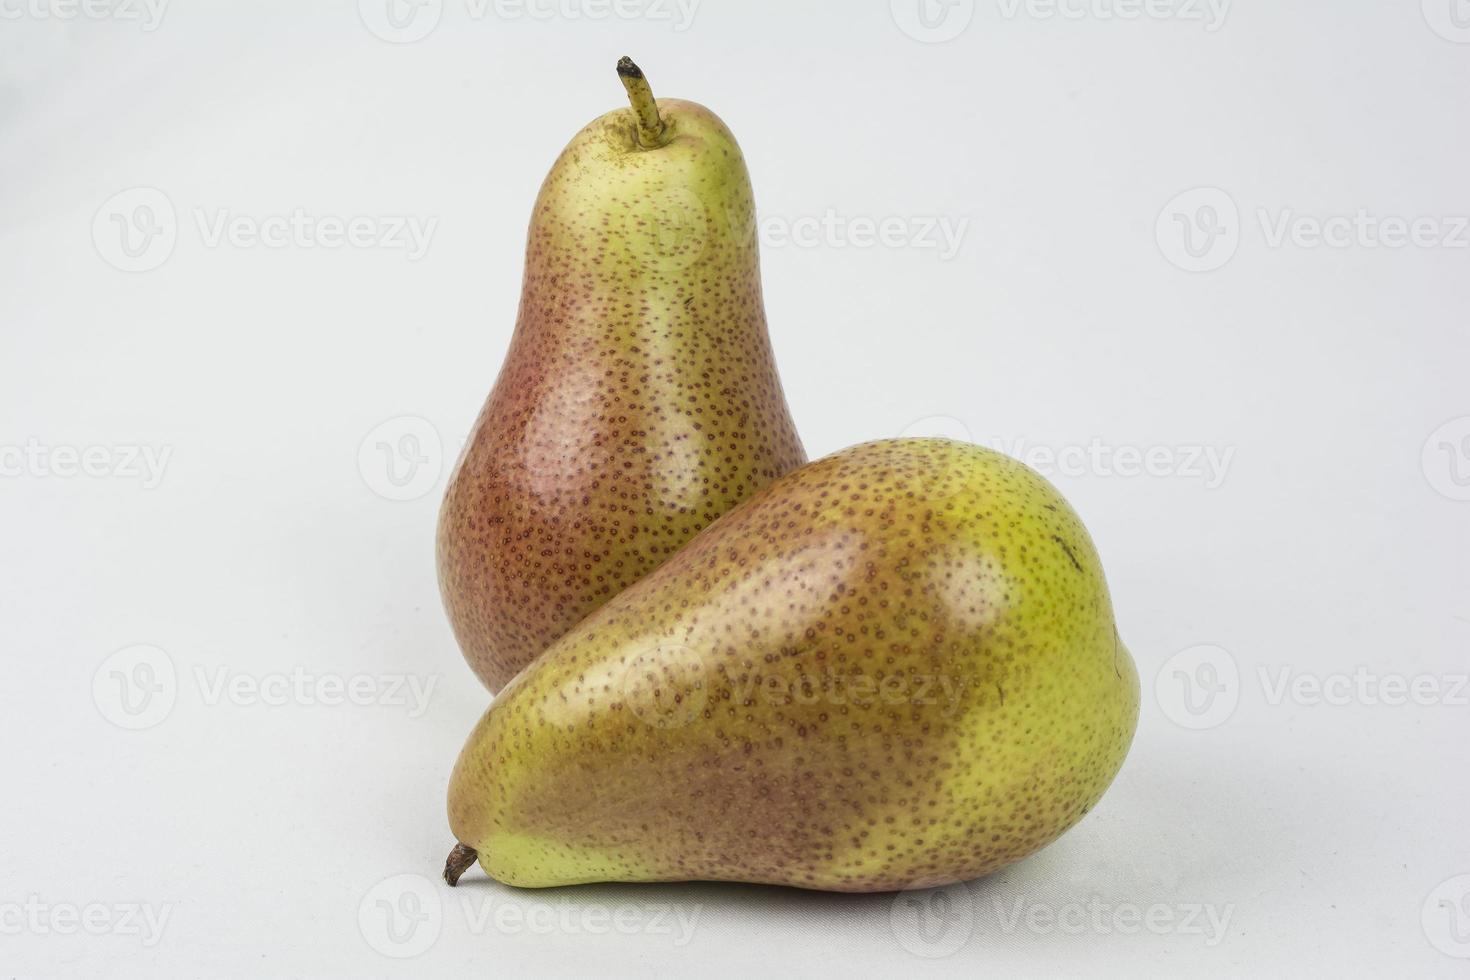 what a pear photo